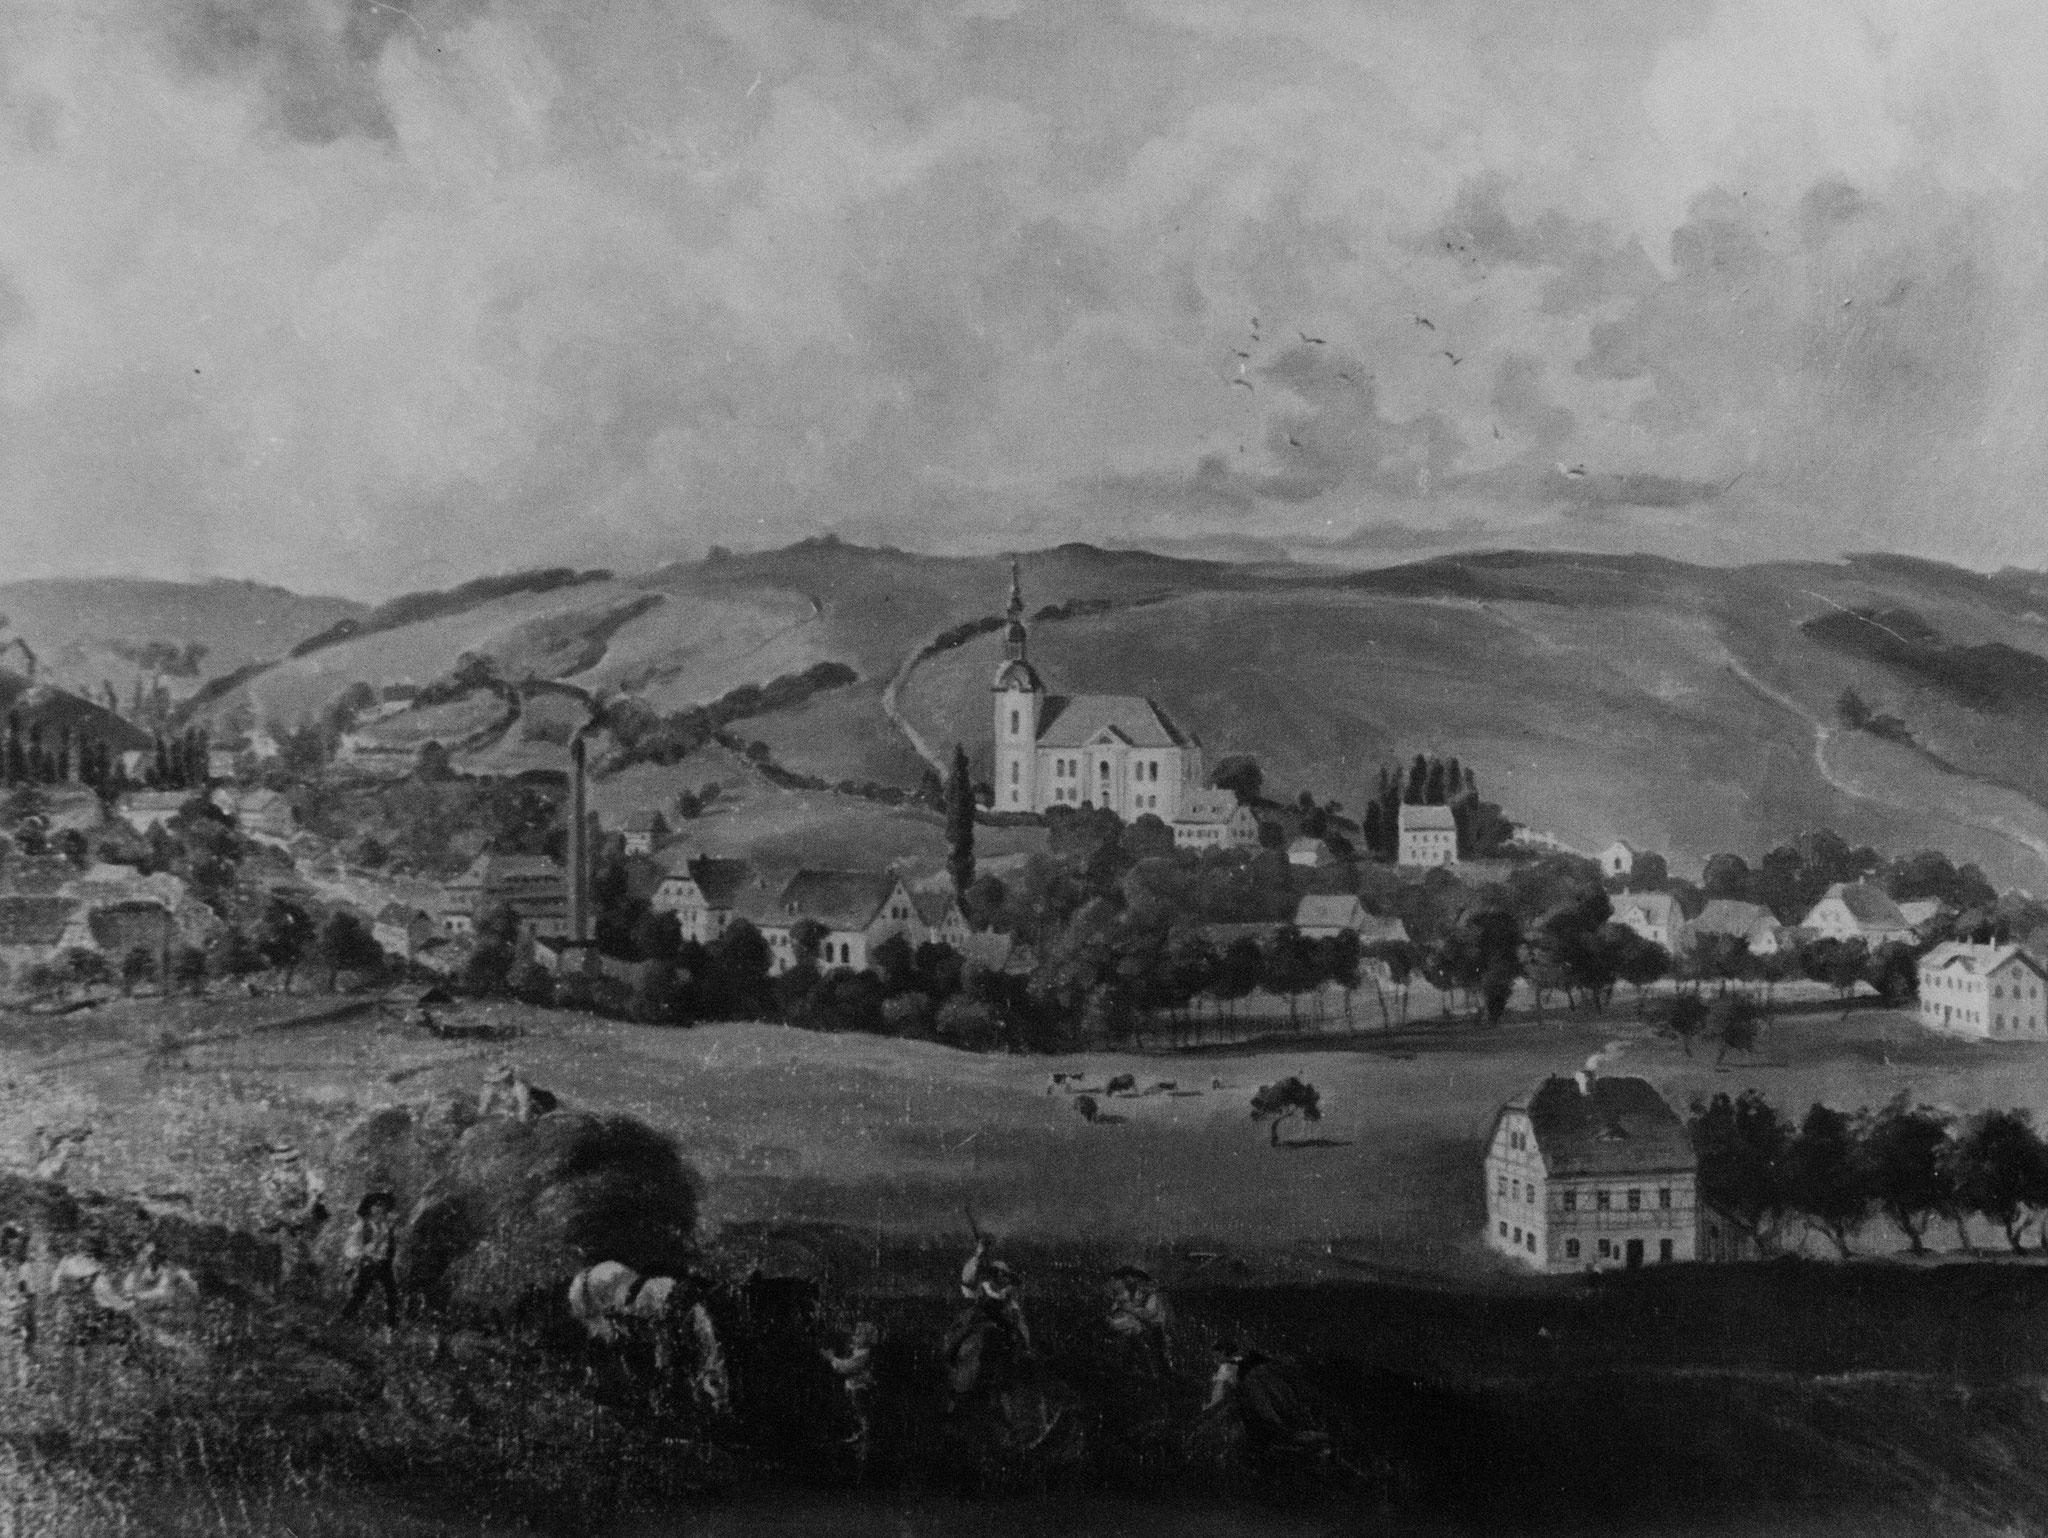 """""""Blick von der Herrmannstraße"""", etwa 1875  -   Ölgemälde von Walter Leuteritz. Es zeigt die Jakobikirche Einsiedel wenige Jahrzehnte nach ihrer Vollendung  (1822-1827).  Baumeister war Friedrich Christian Uhlig aus Altenhain."""